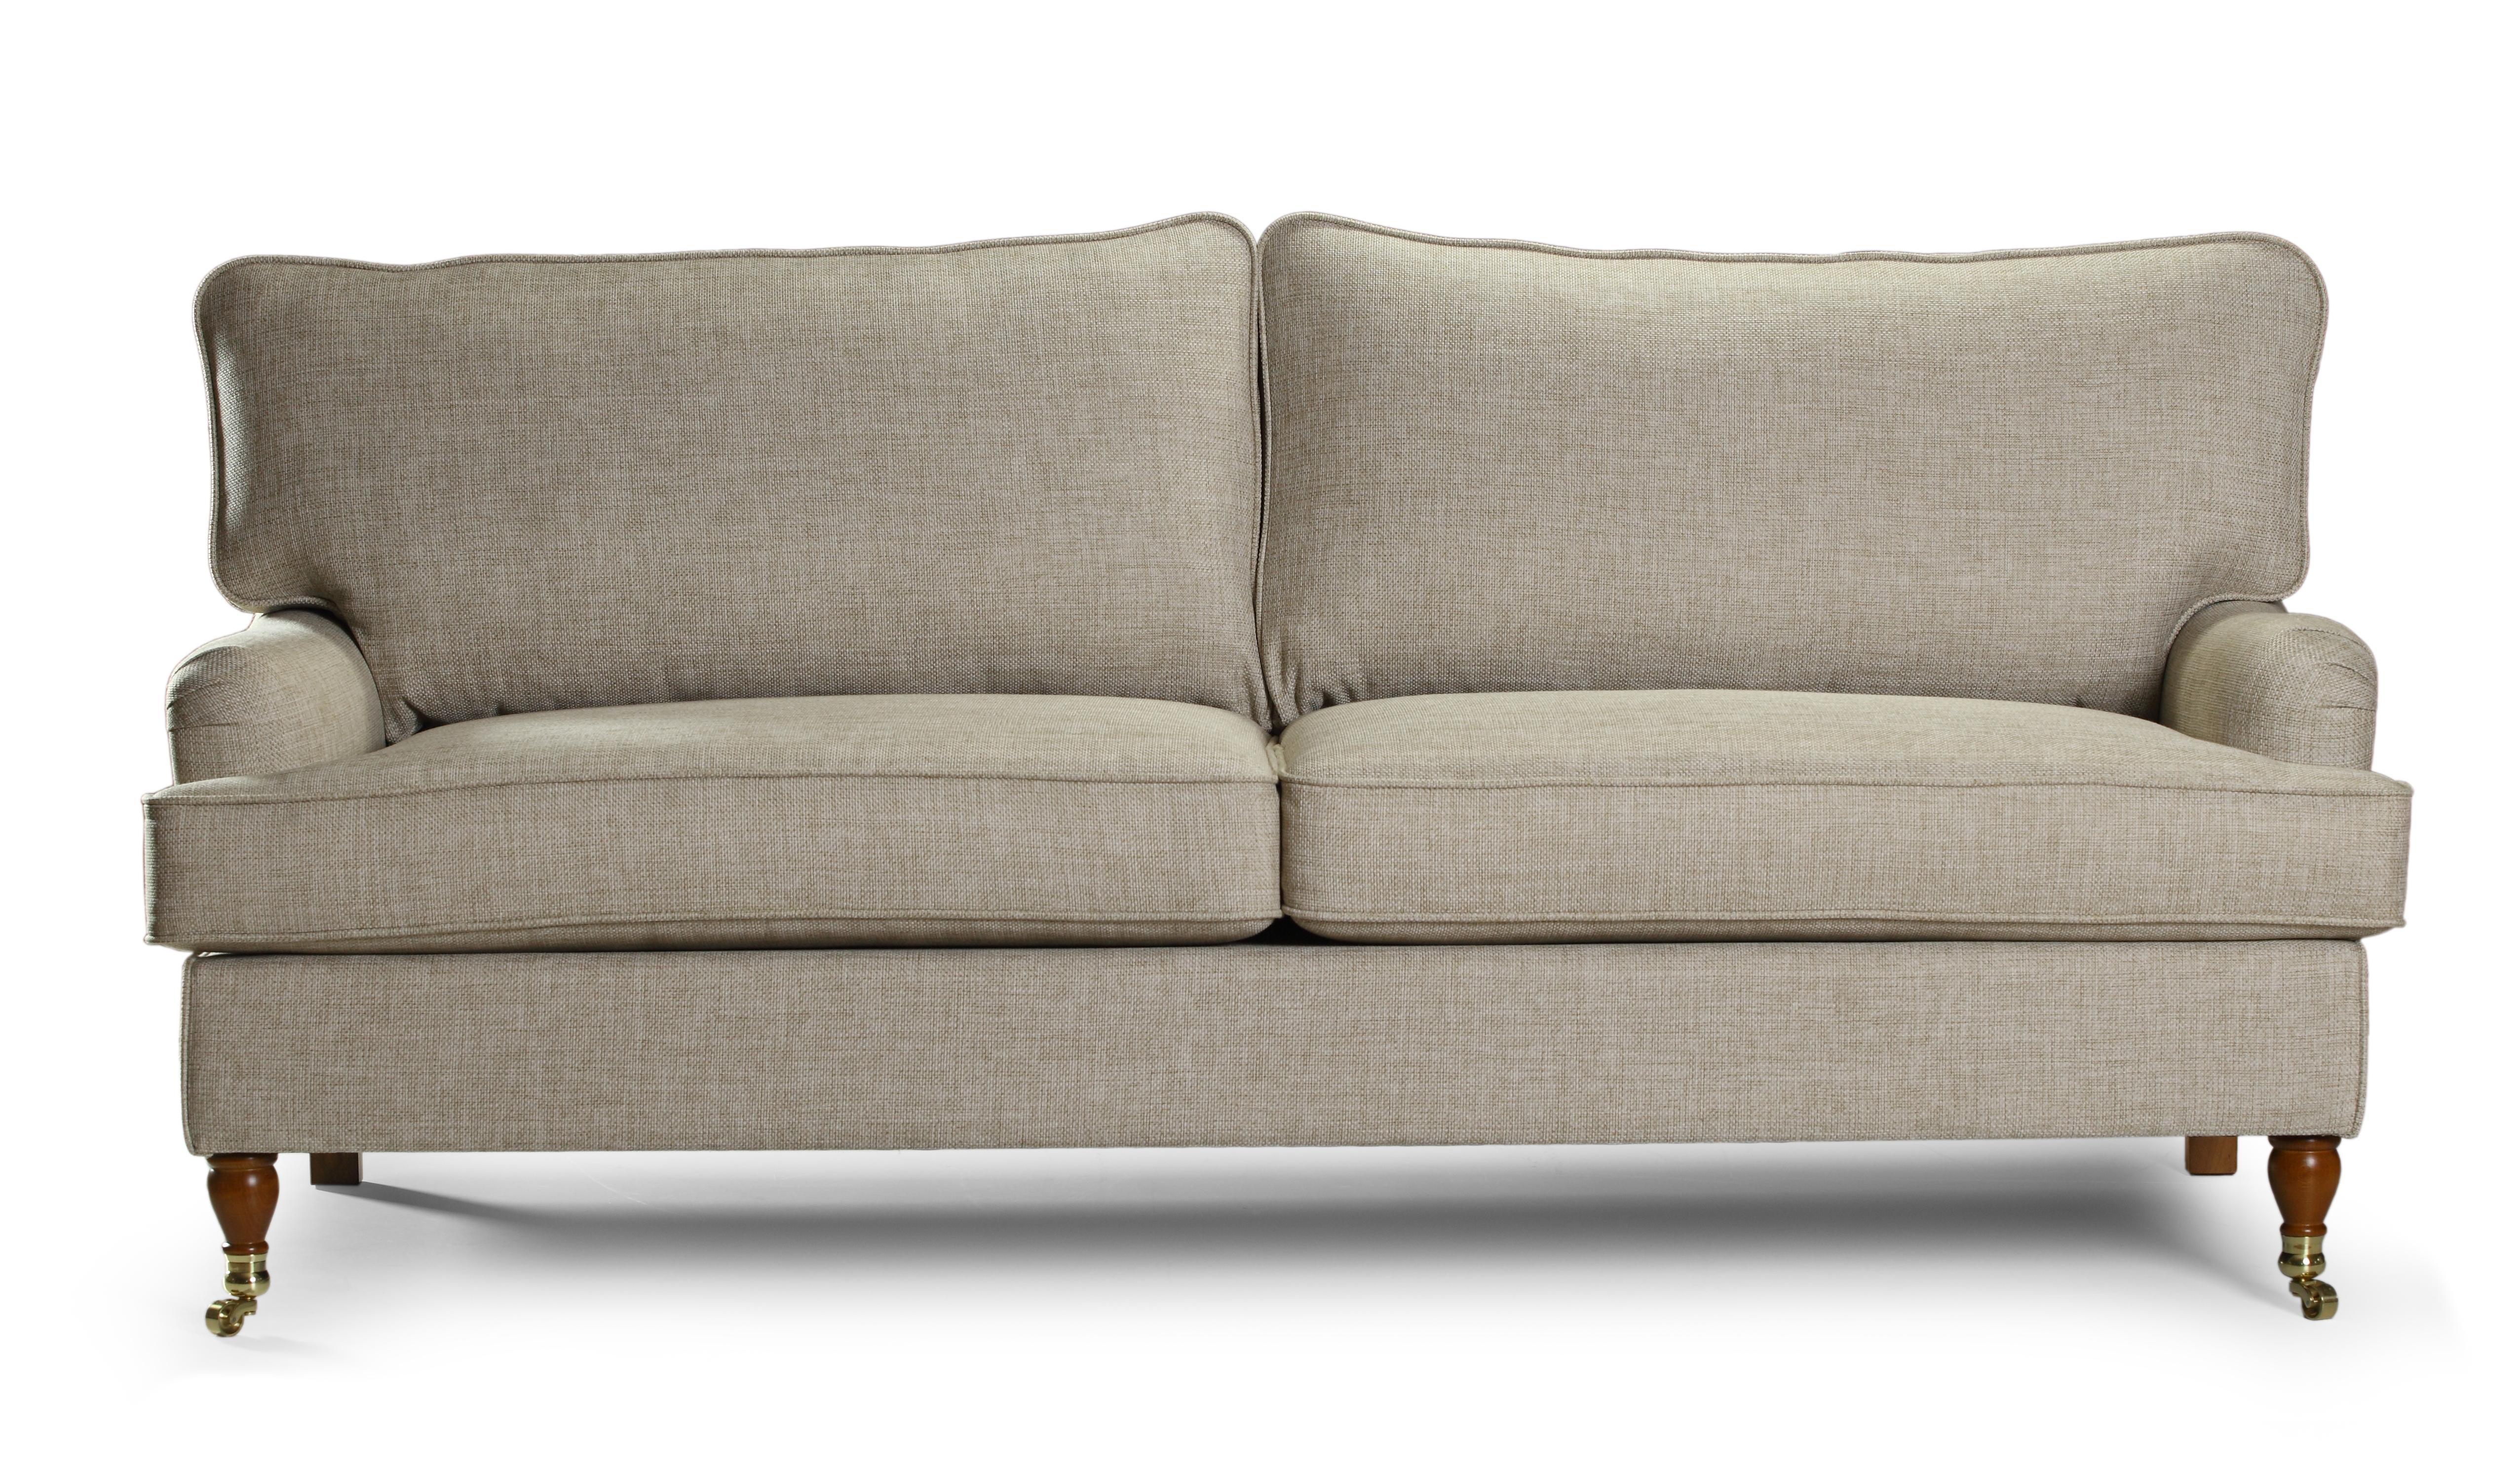 Canapea fixa 3 locuri tapitata cu stofa Howard